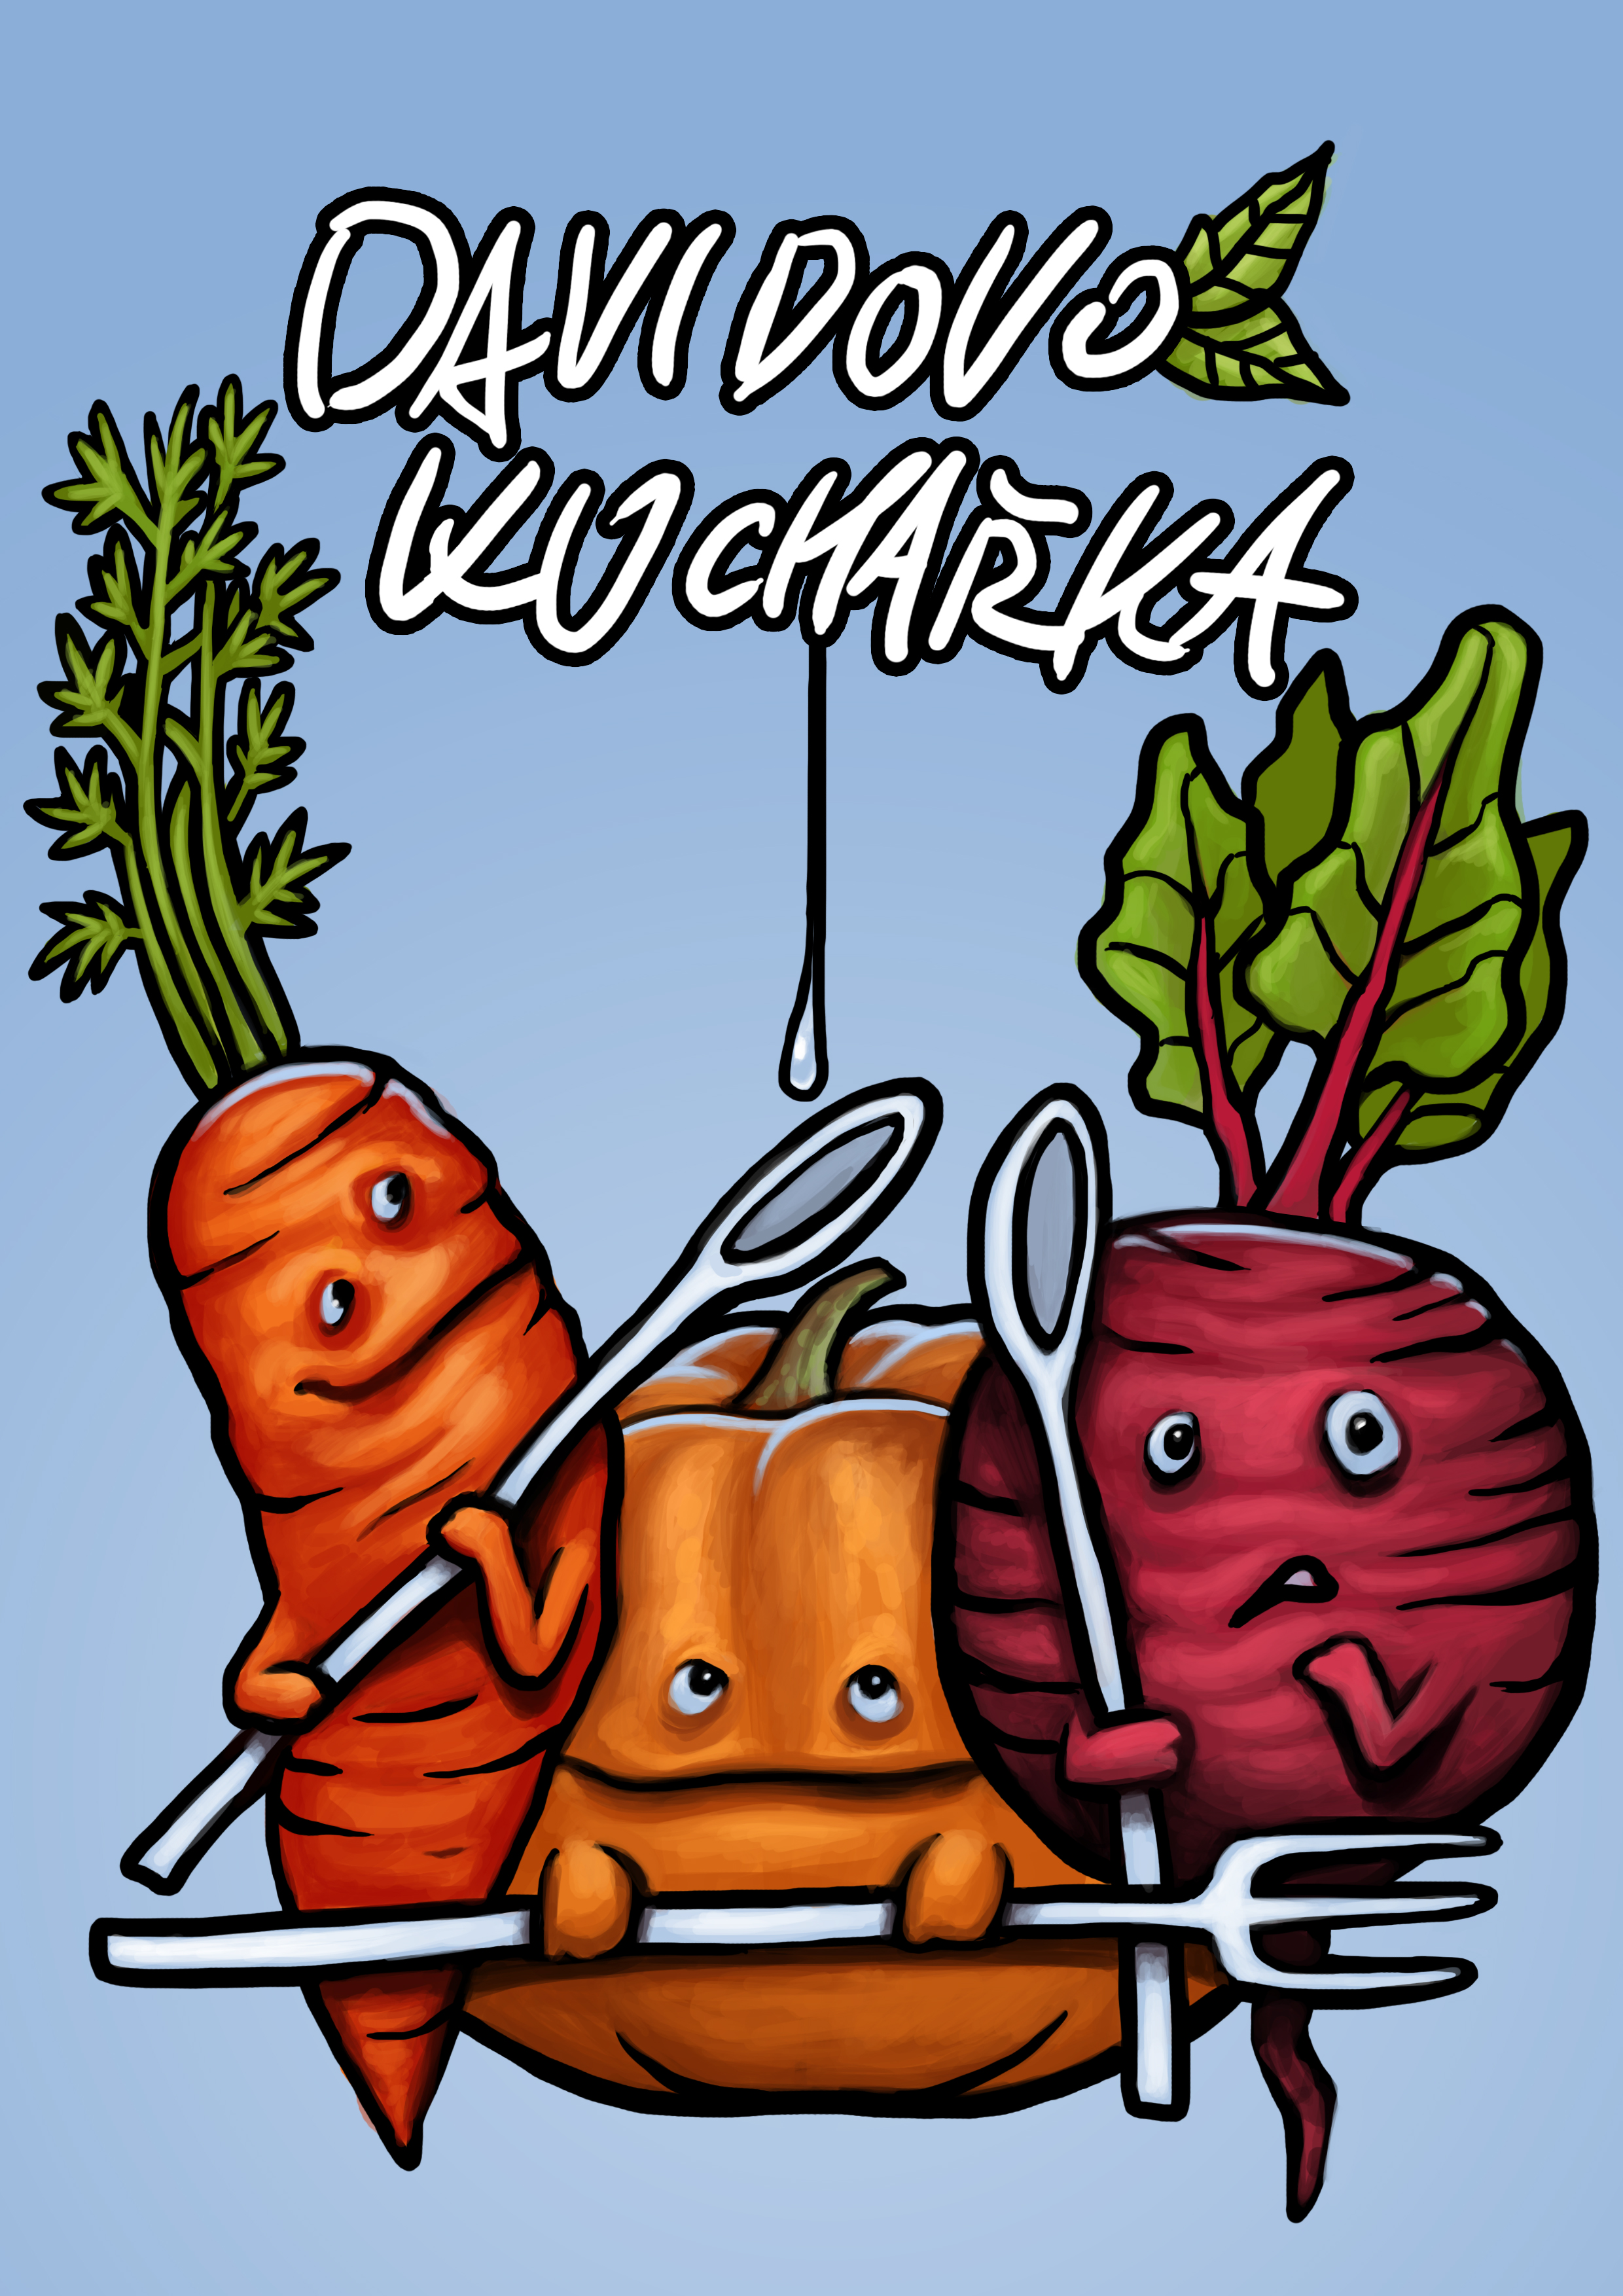 David's Cookbook - book cover